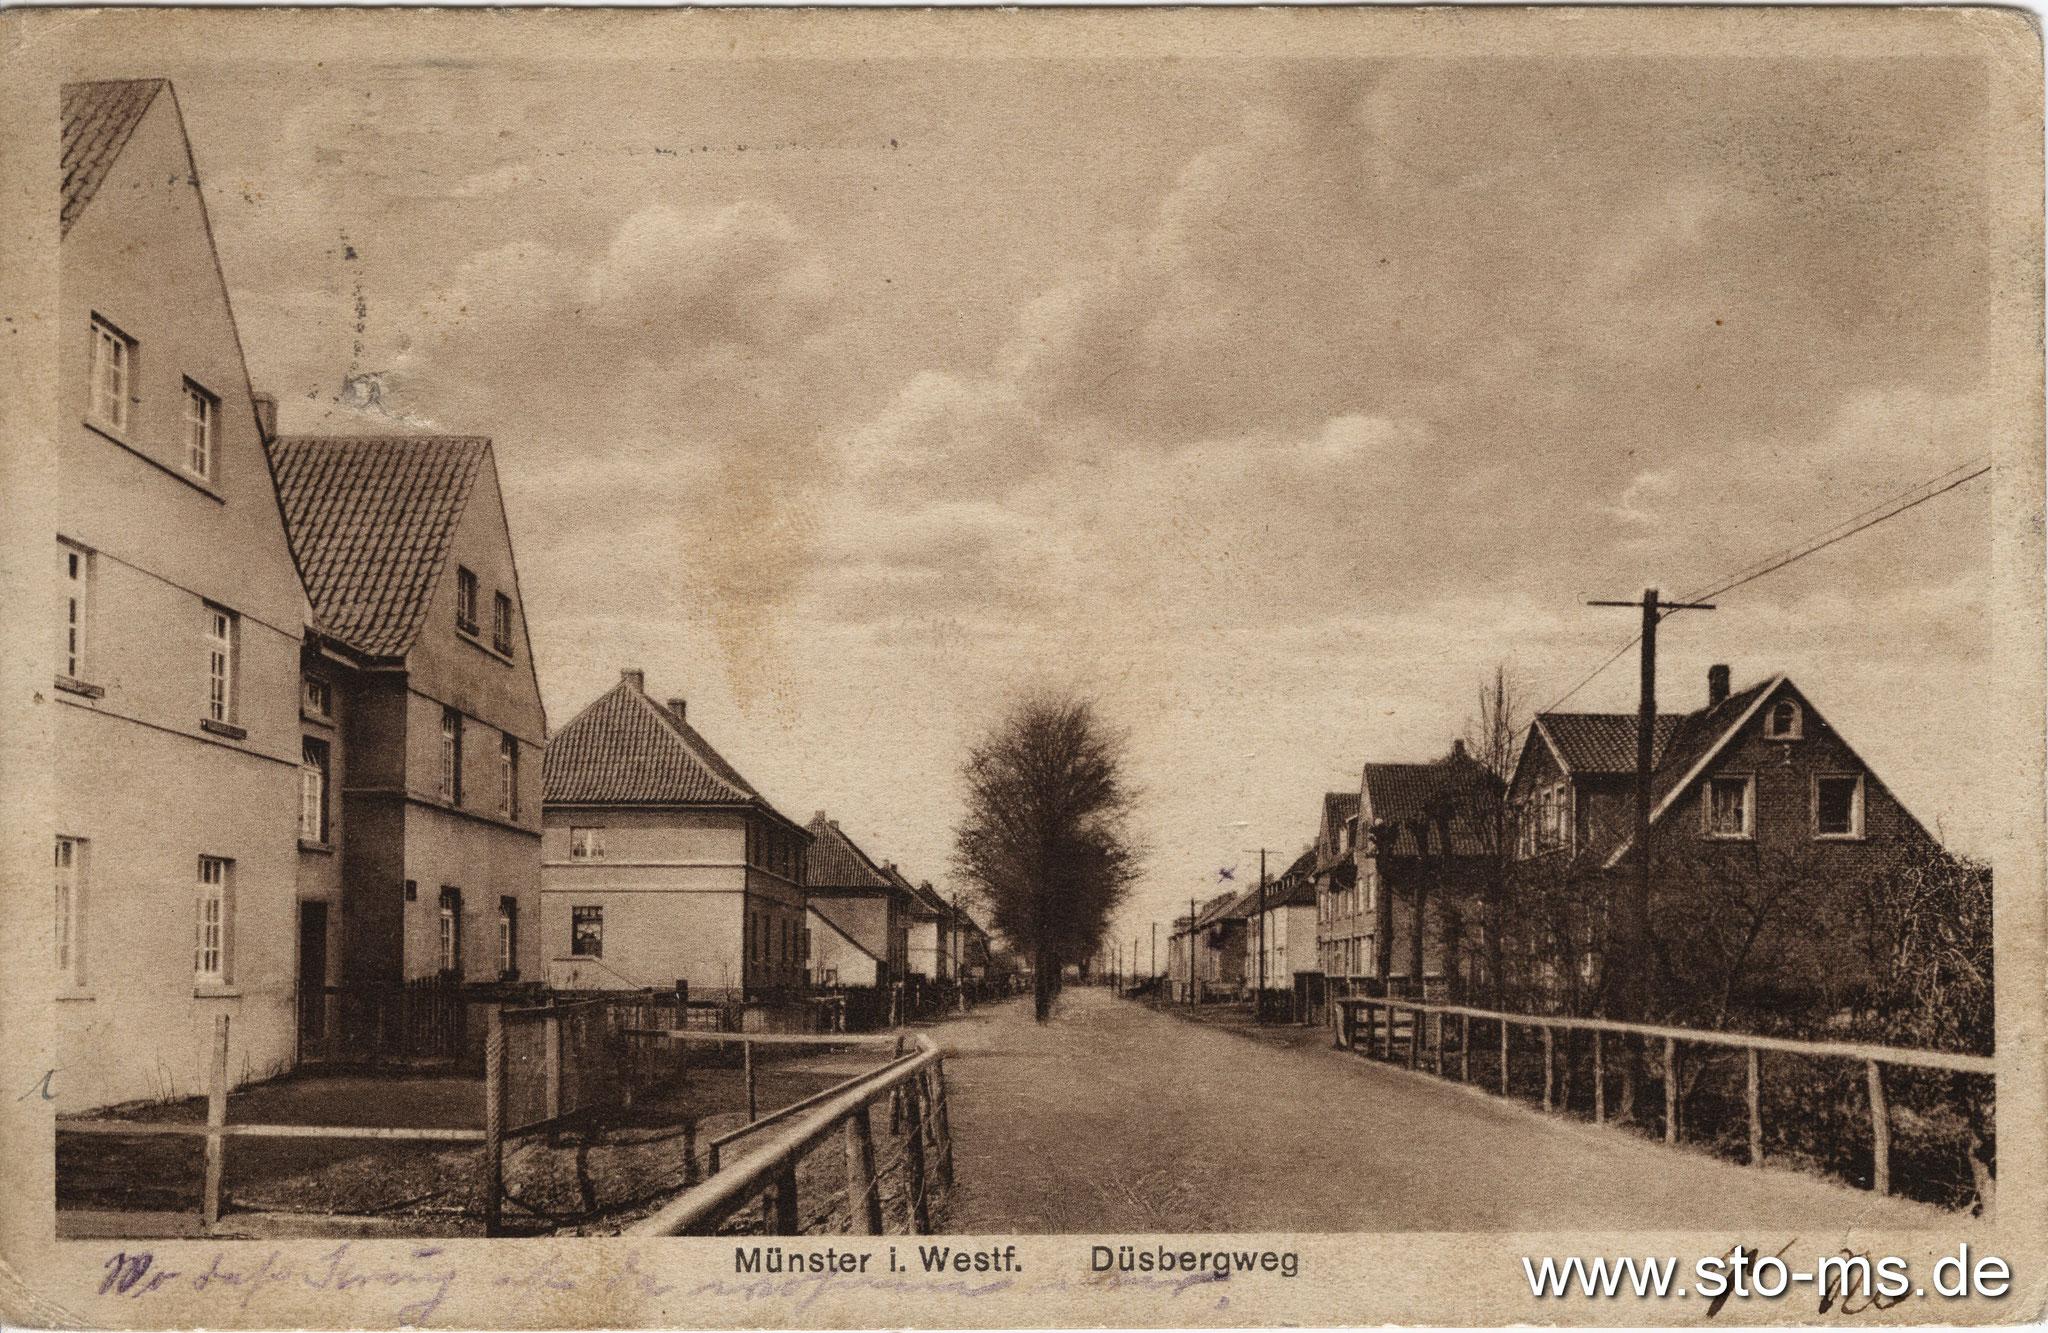 Duesbergweg